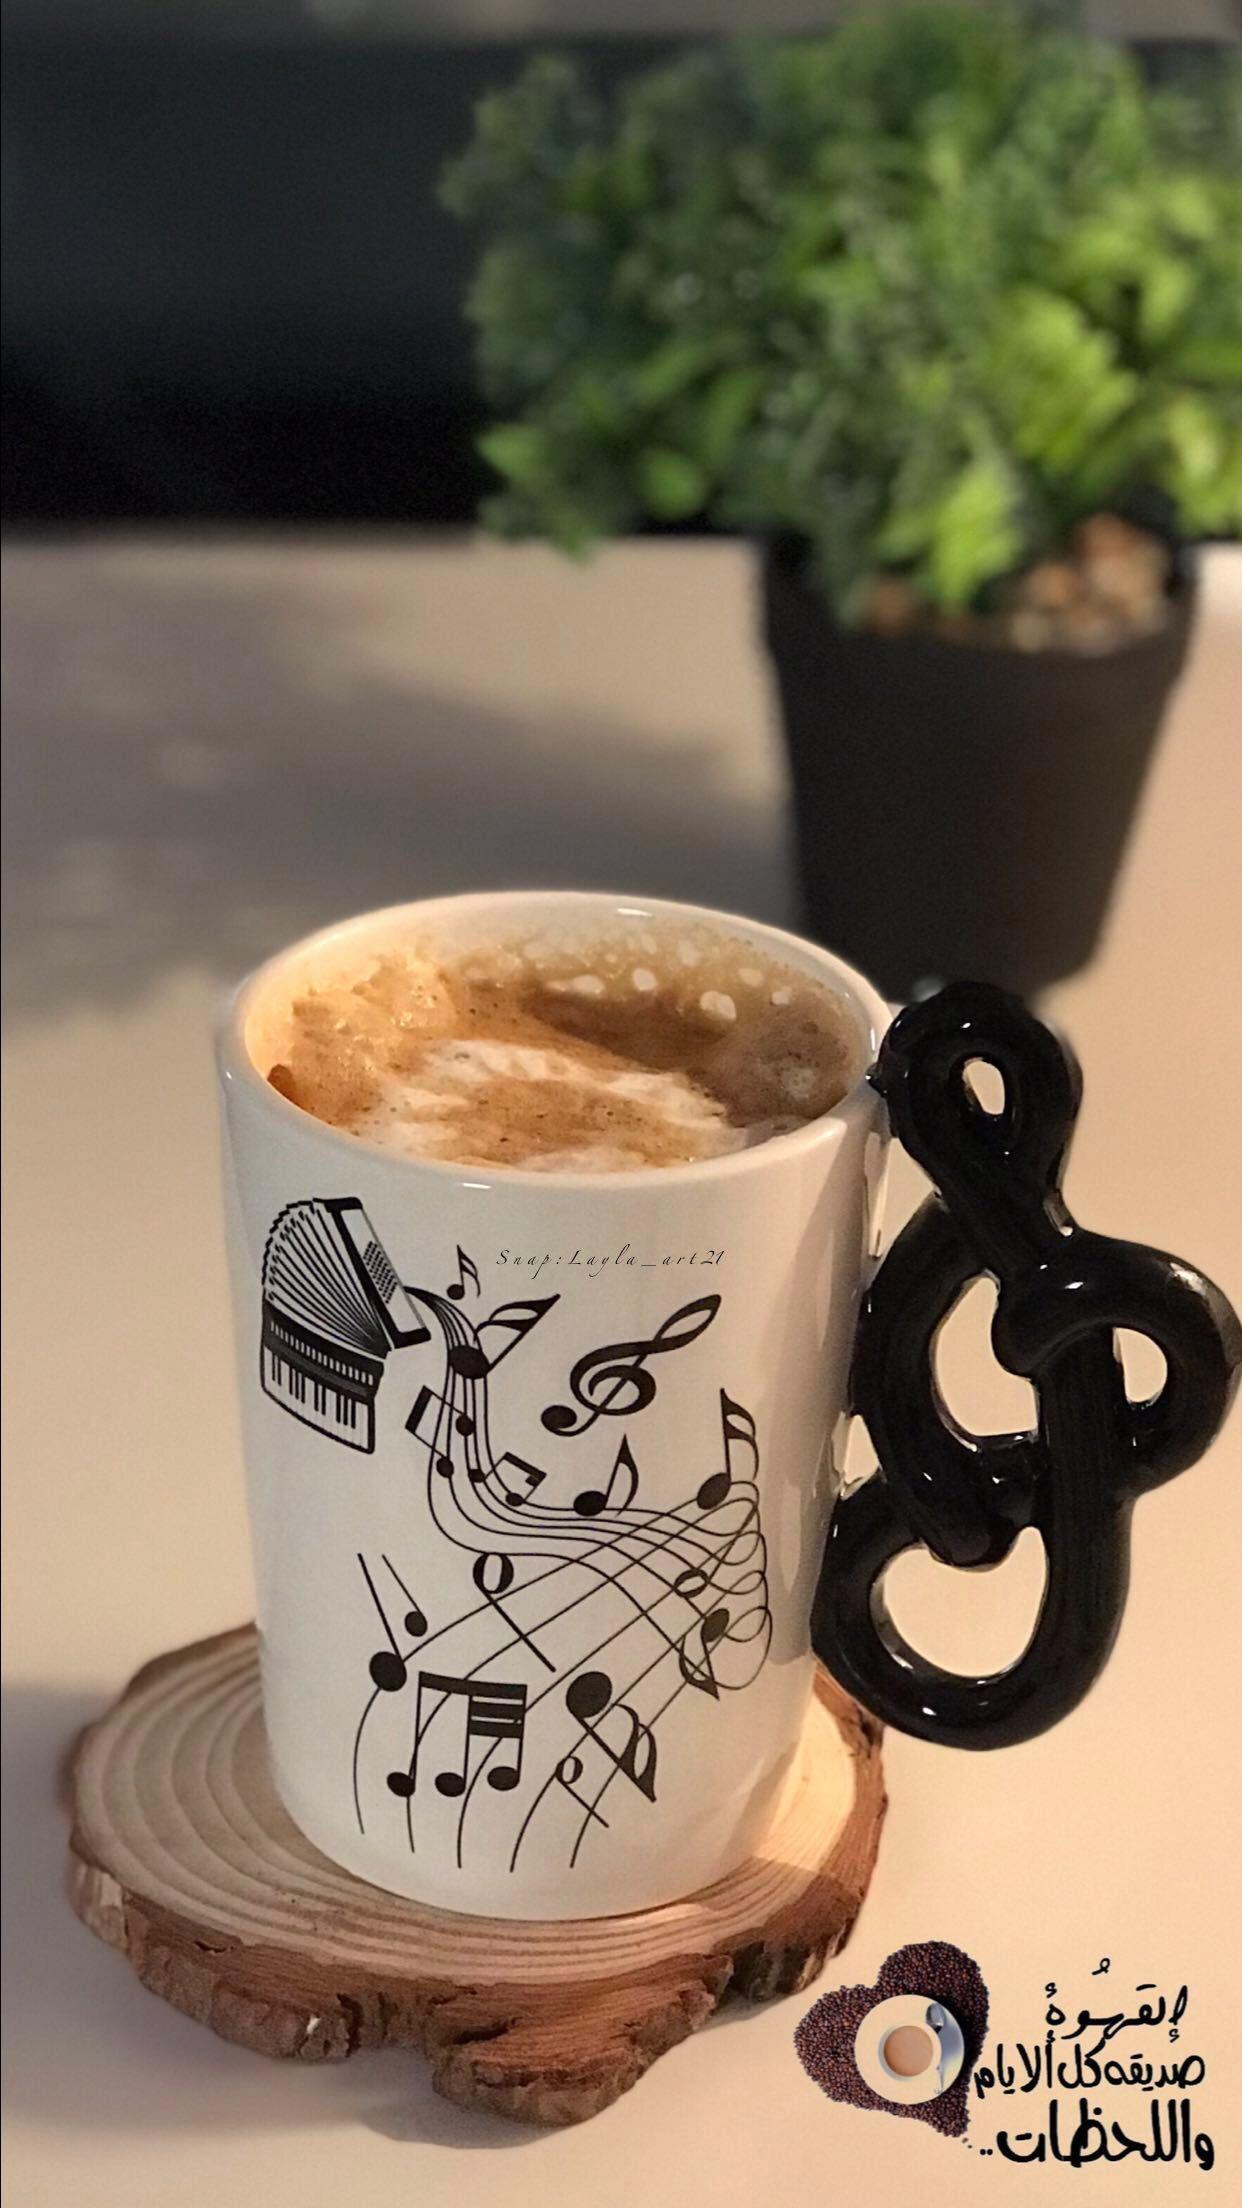 تصويري تصوير روقان سنابيات سناب قهوه Coffee love